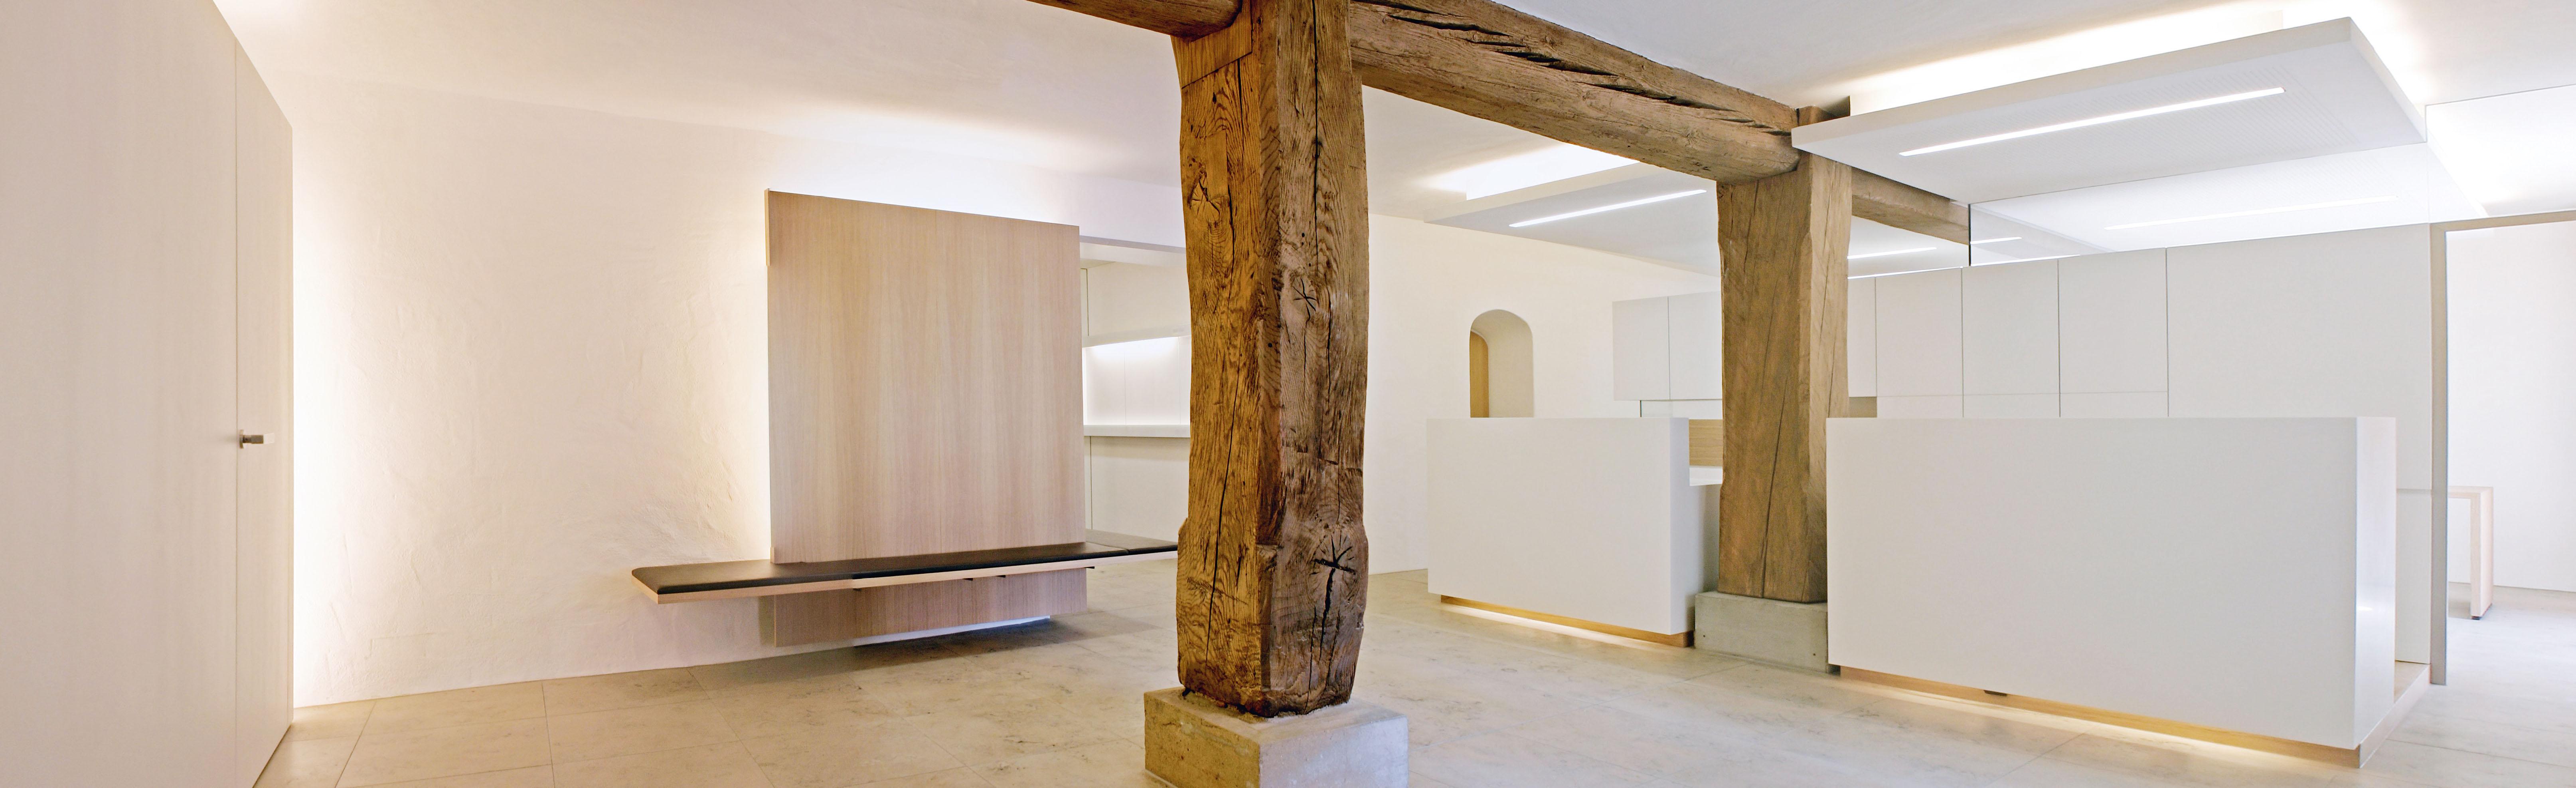 Briegel architektur innenarchitektur argenb hl for Architektur oder innenarchitektur